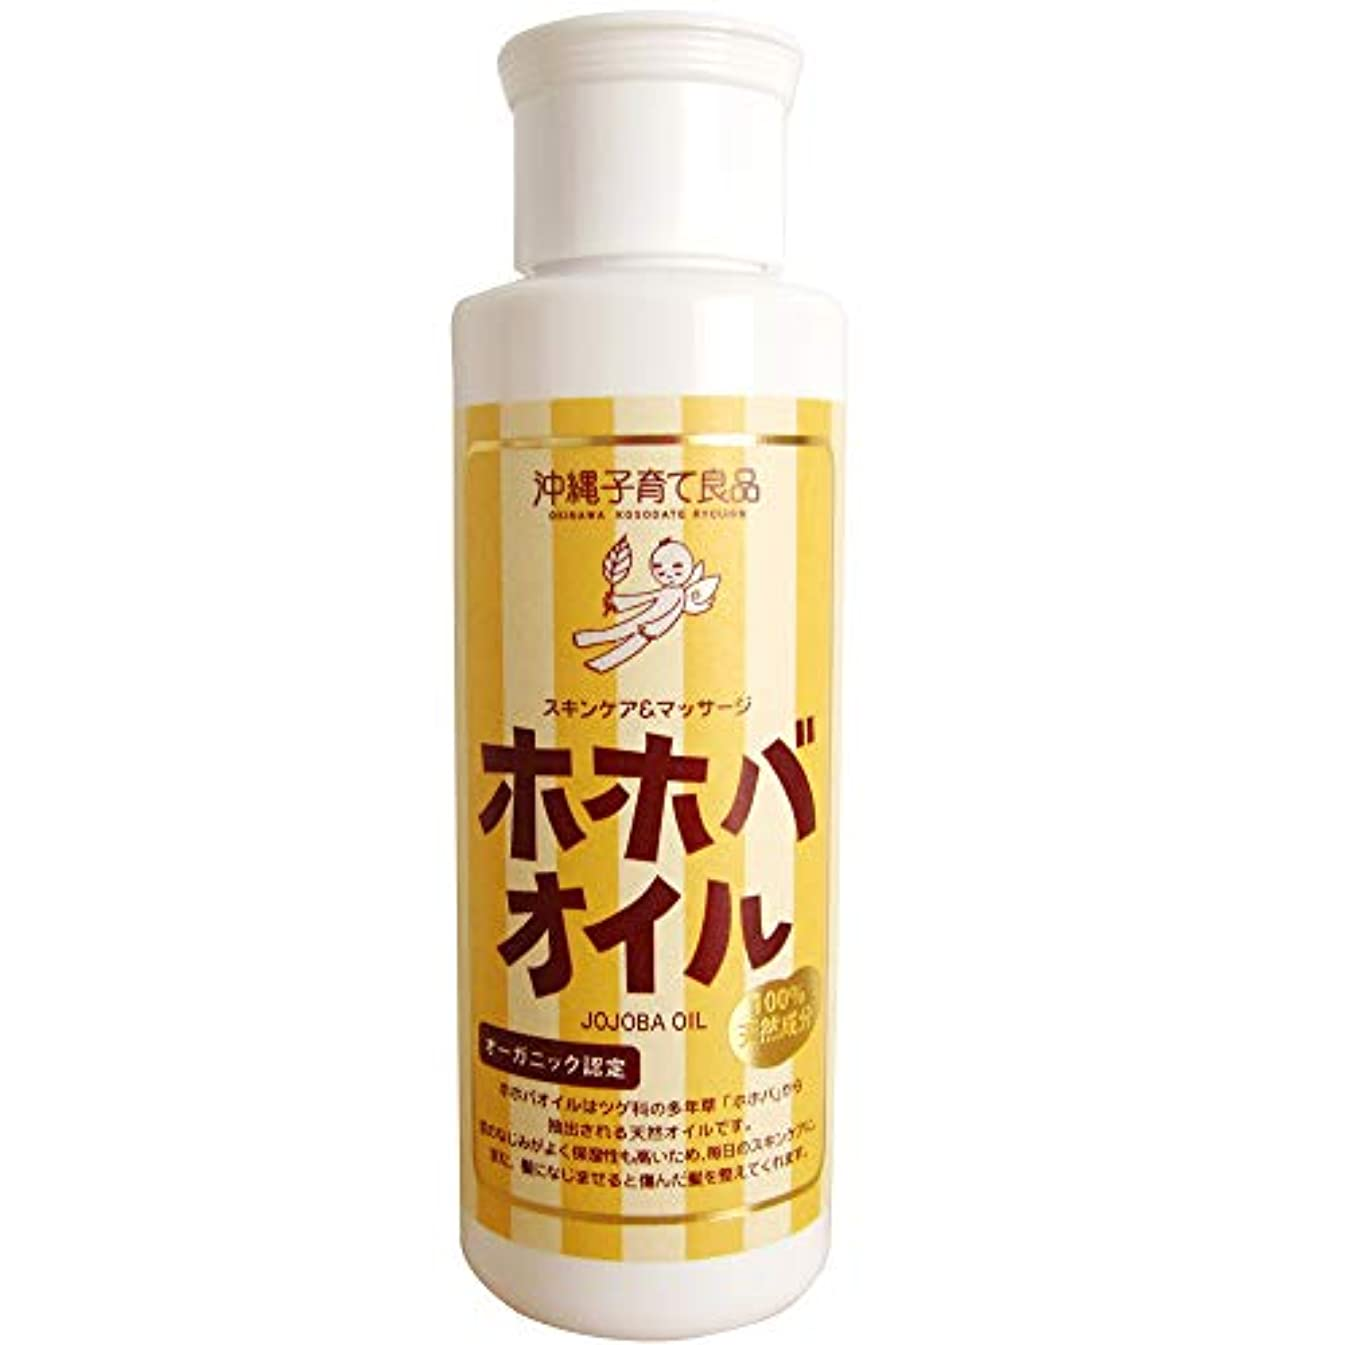 医薬嫌がる好むホホバオイル/jojoba oil (100ml)